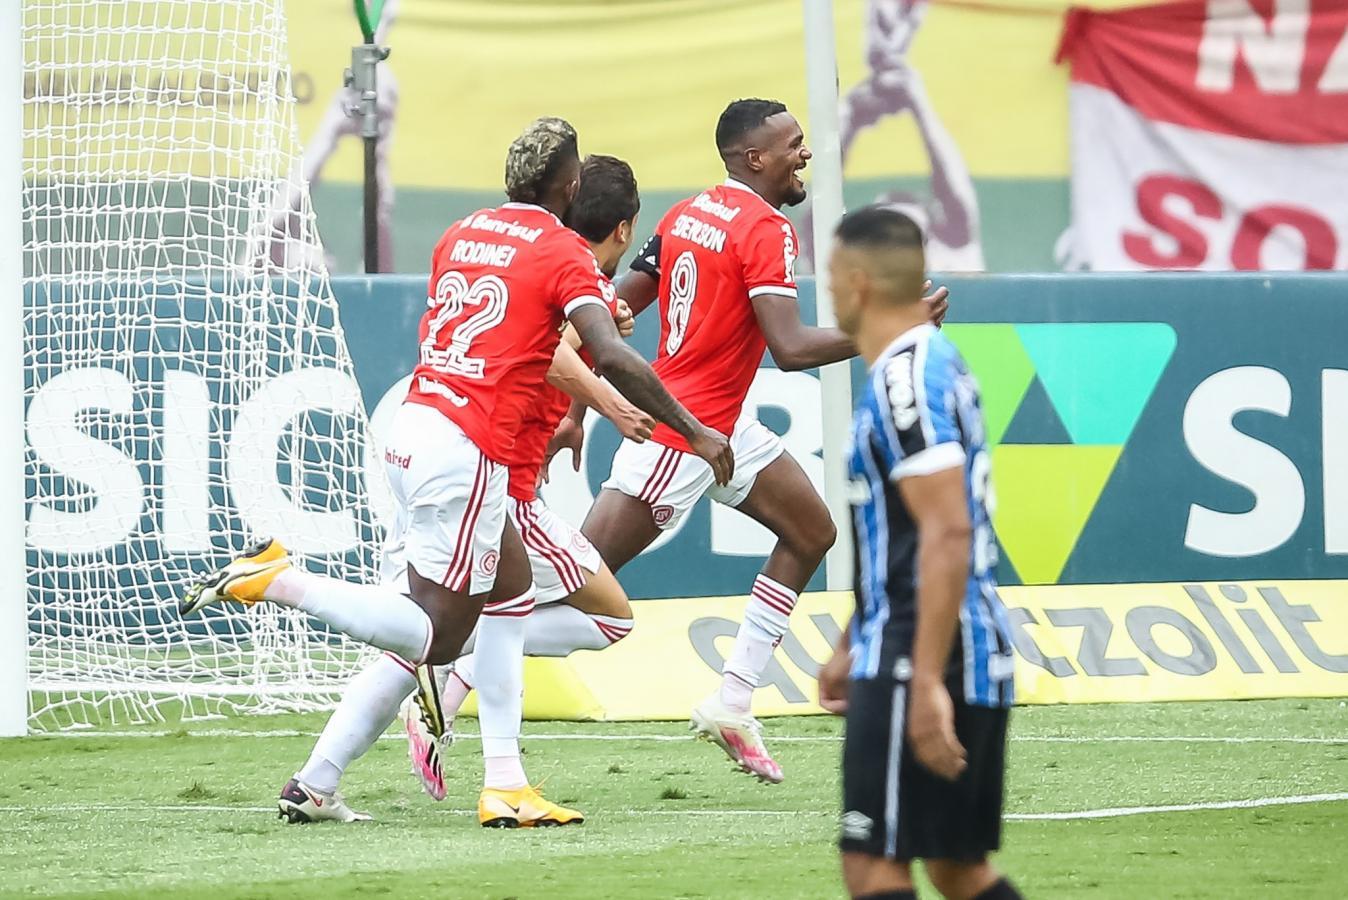 Edenilson logró el tanto del triunfo en el minuto 98. Triunfo histórico de Internacional ante Gremio.